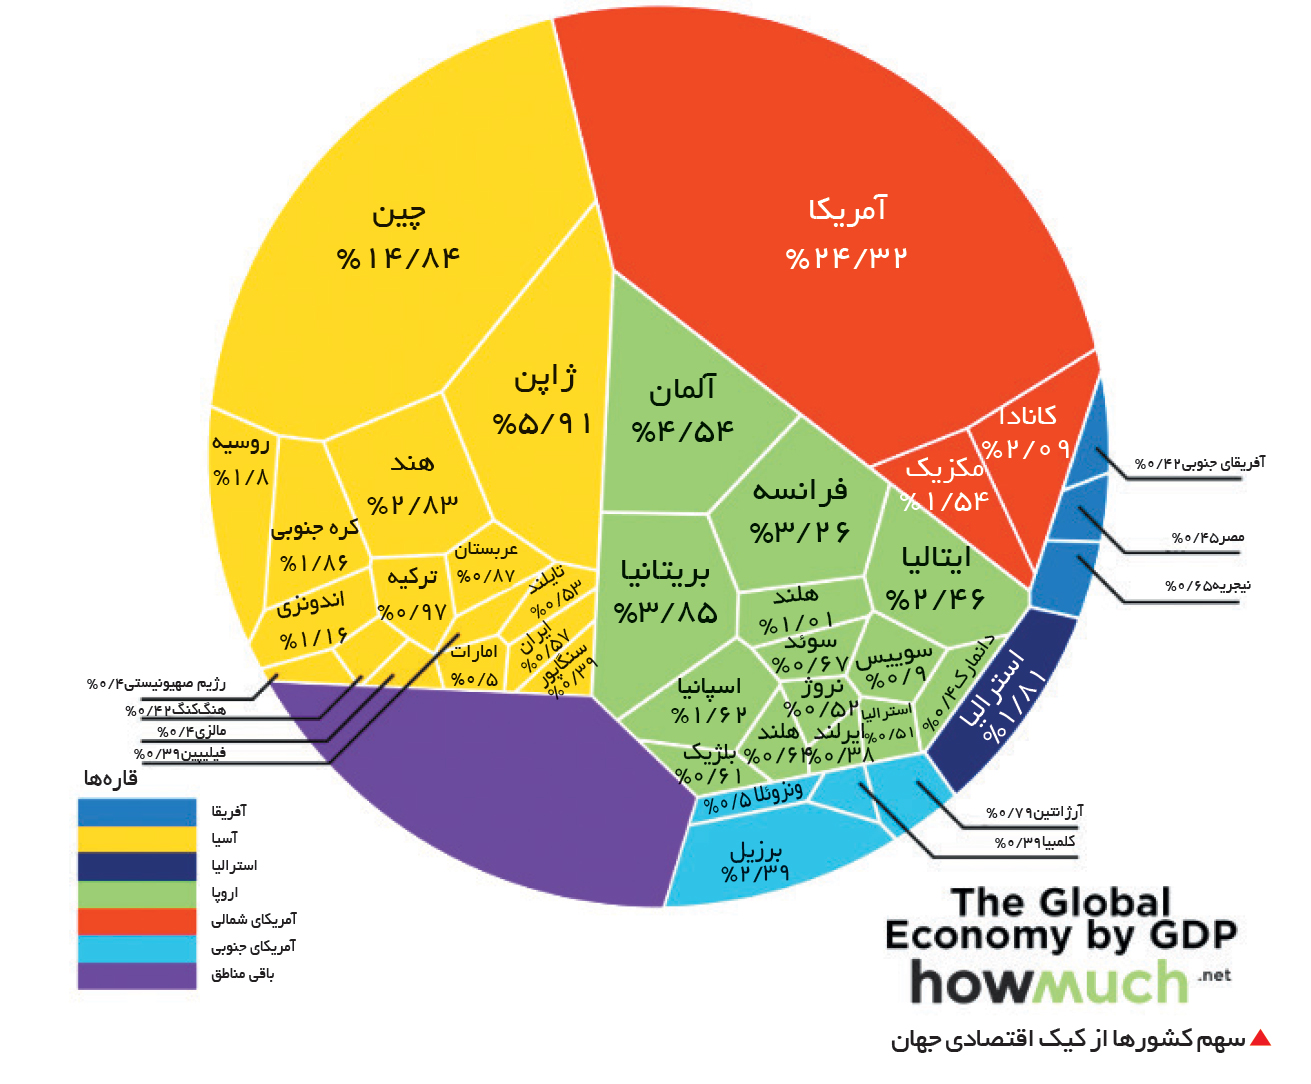 تجارت- فردا-  سهم کشورها از کیک اقتصادی جهان